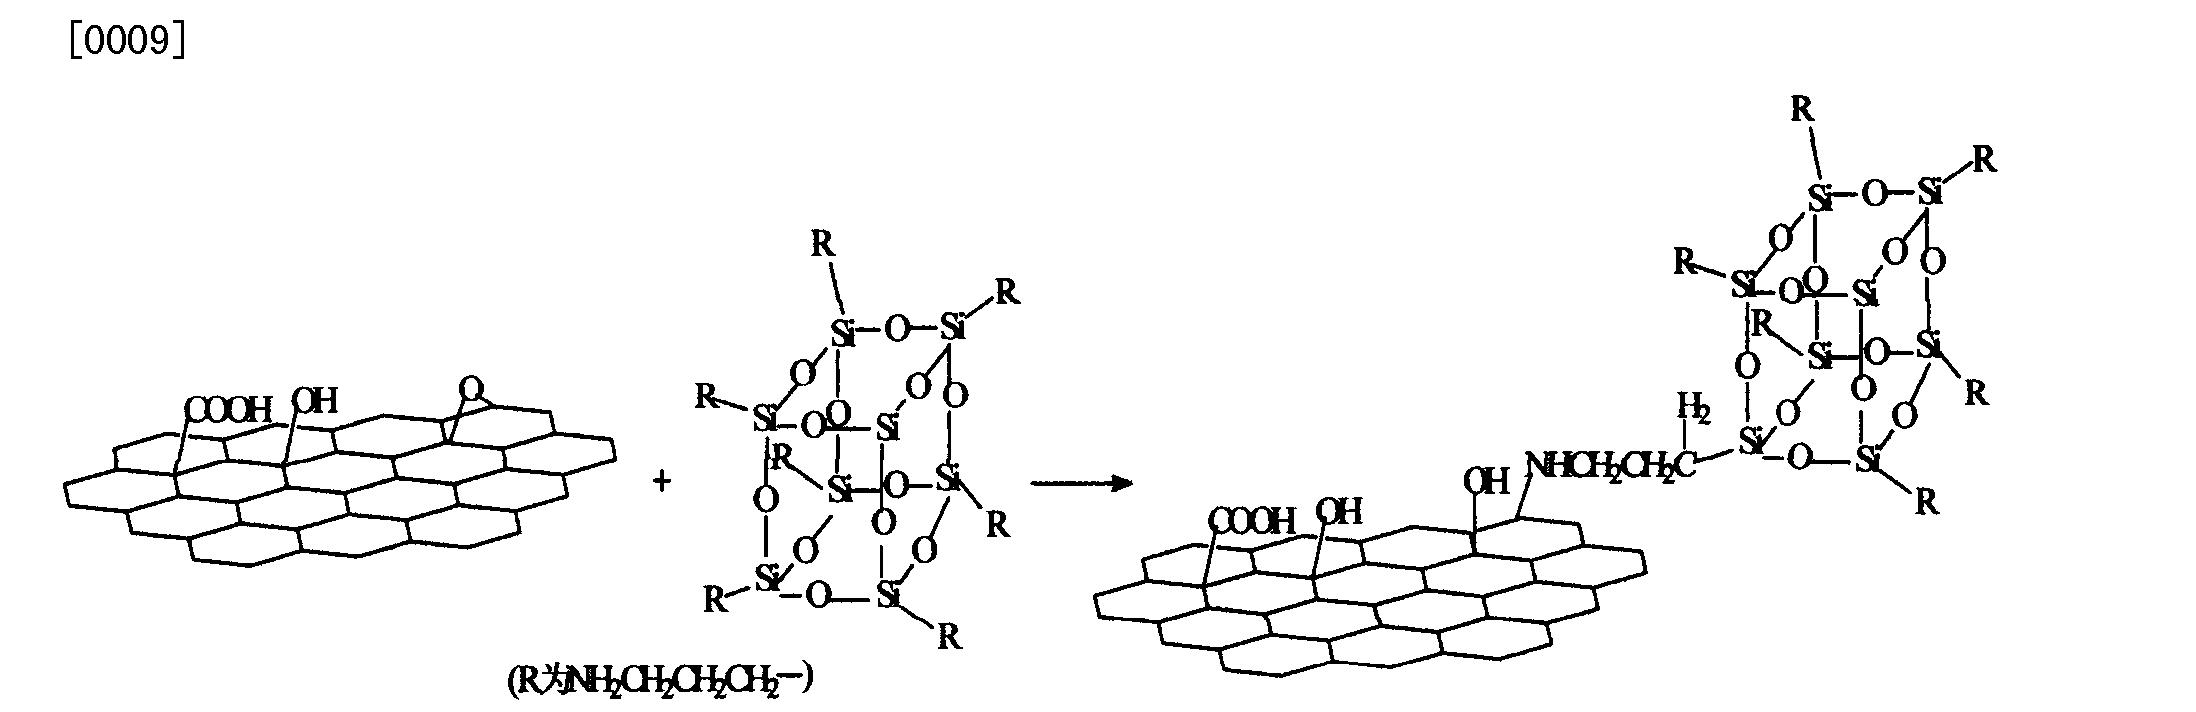 所得氧化石墨烯接枝poss结构式如下:[0009]